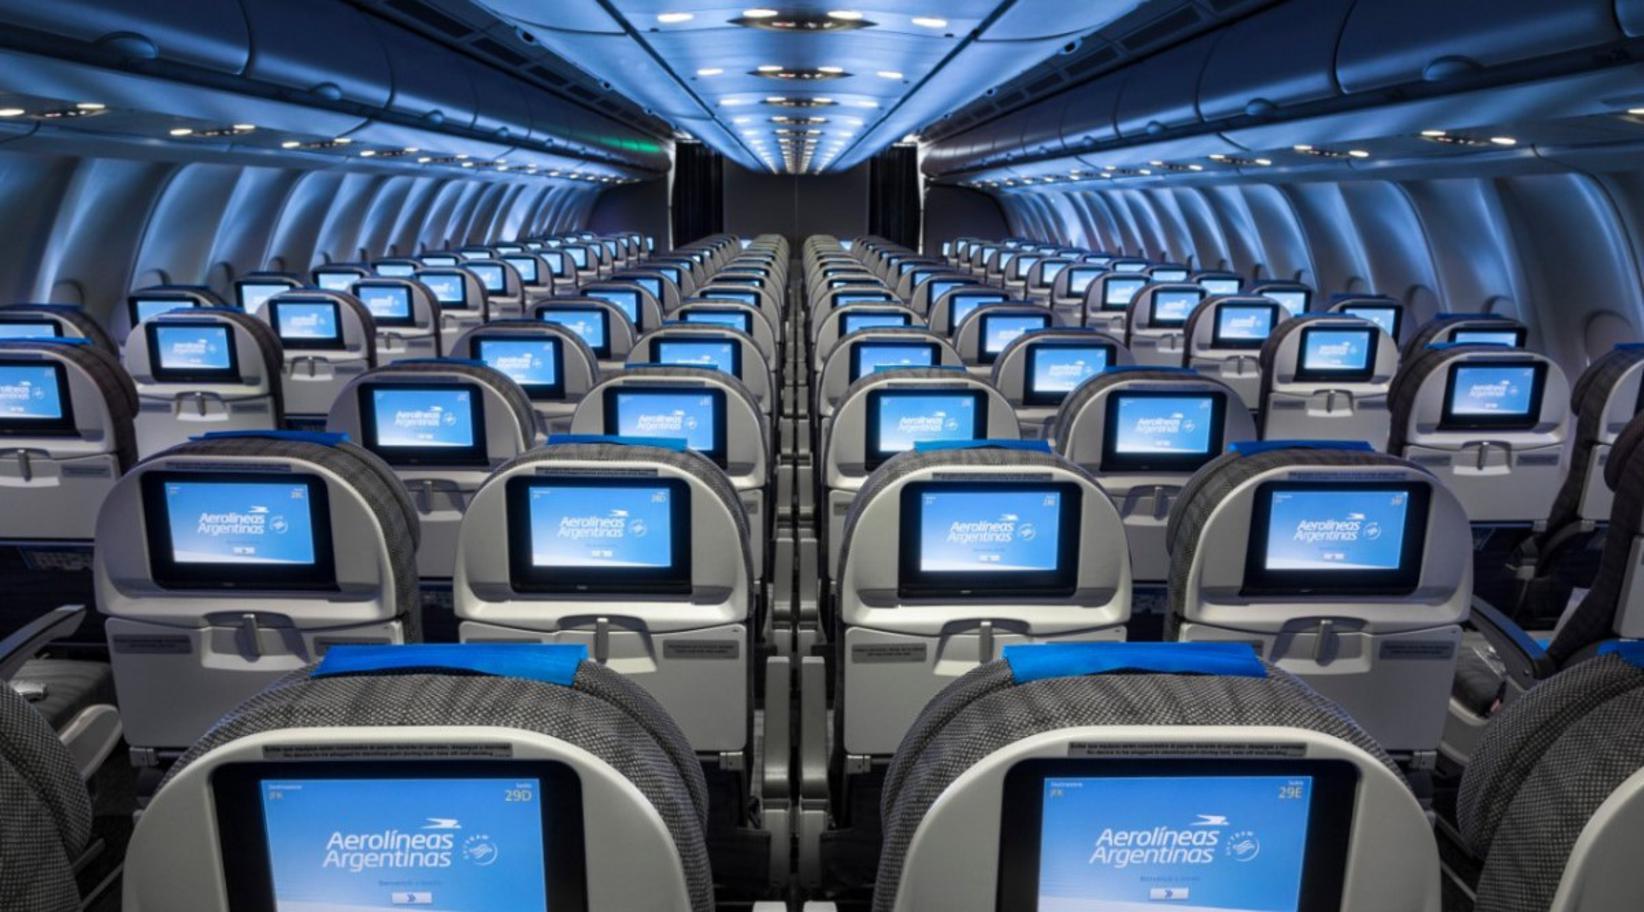 voli aerolineas argentinas nuovo protocollo sicurezza